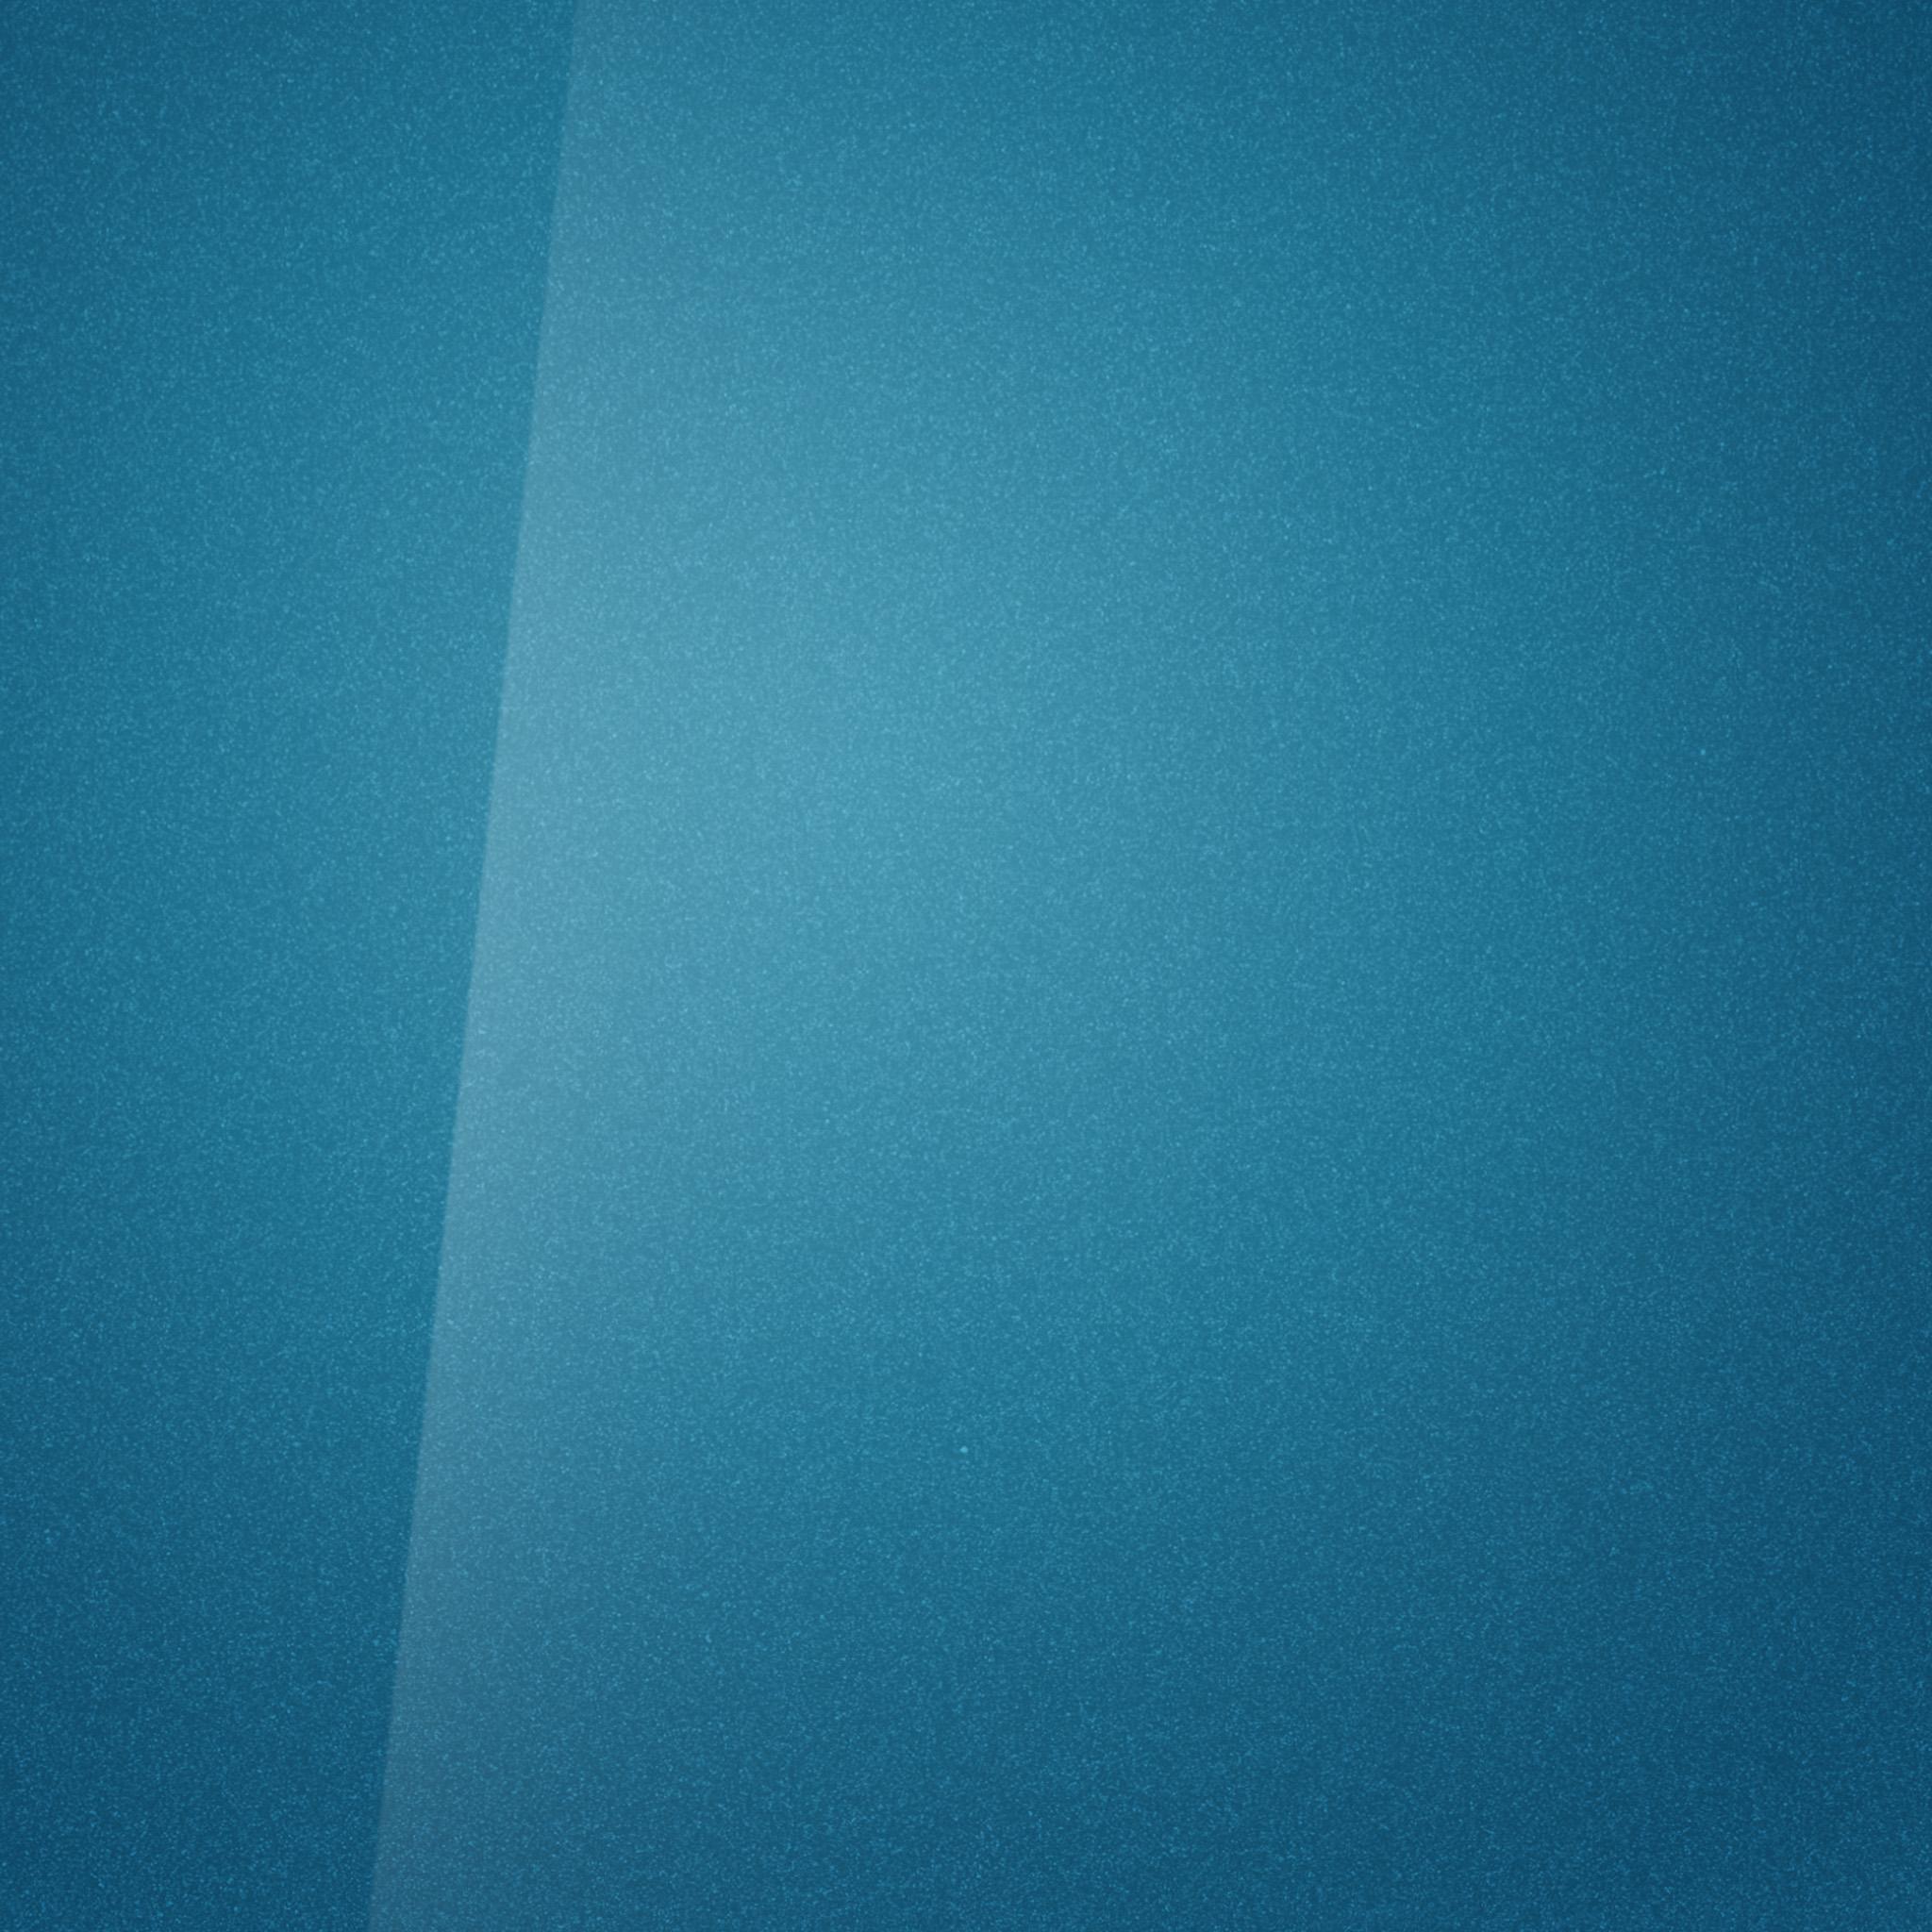 Aqua Turquoise) Bild